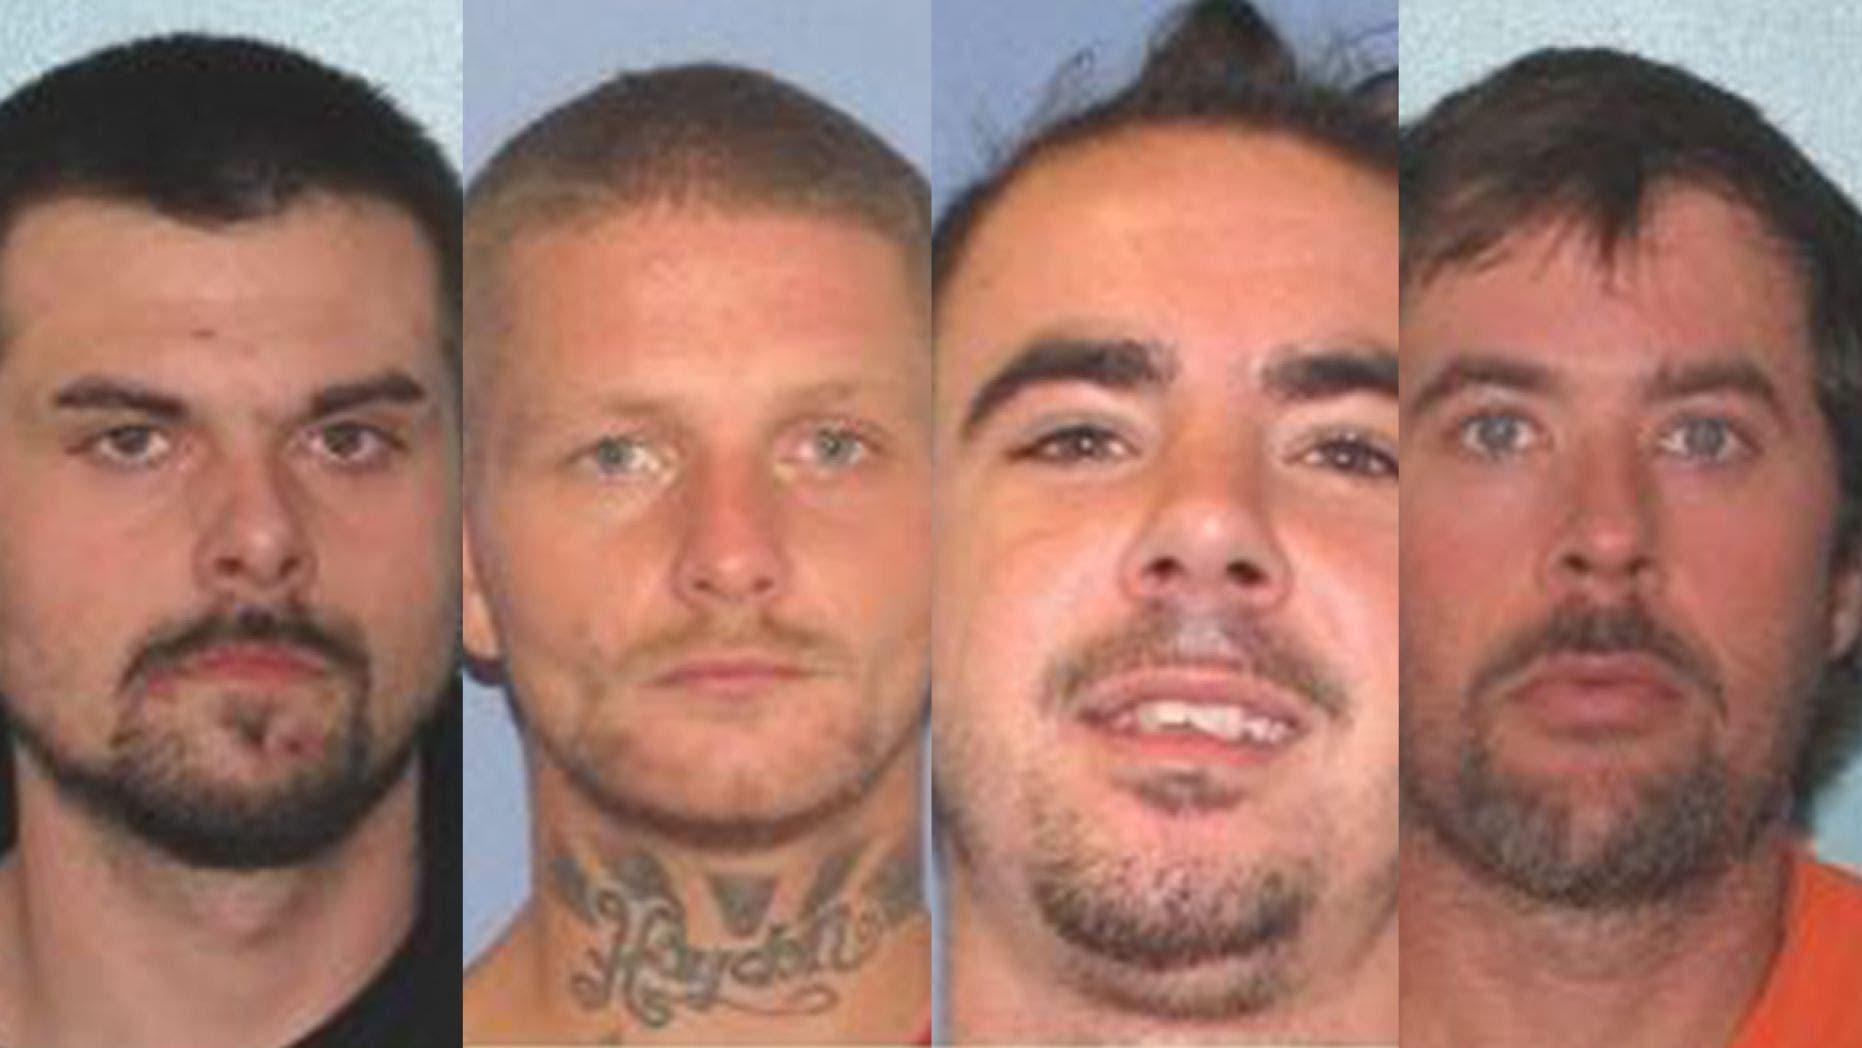 3 dari 4 laki-laki yang melarikan diri penjara Ohio ditangkap di North Carolina, laporan mengatakan